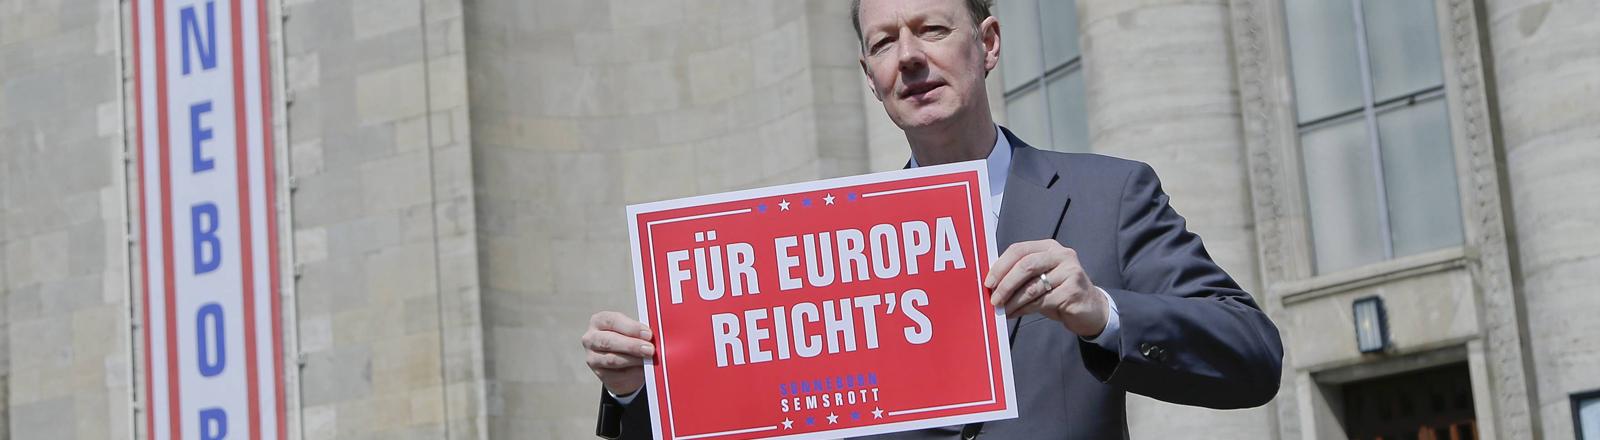 """Martin Sonneborn mit einem Plakat """"Für Europa reicht's"""""""